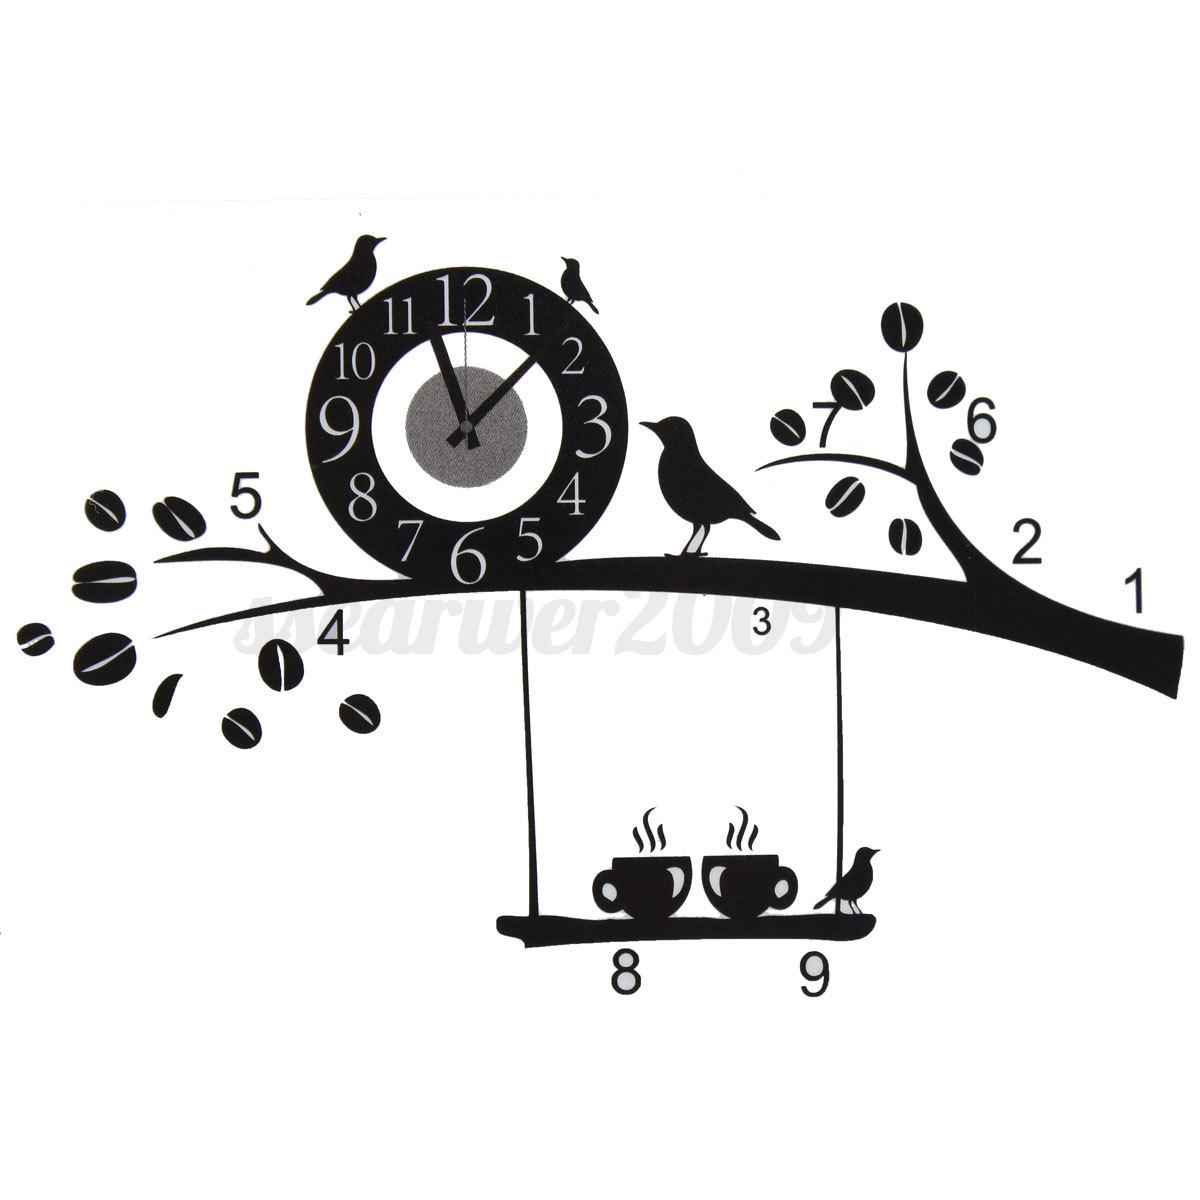 Modern Style DIY Clock Wall Sticker Wall Clock Decal Art